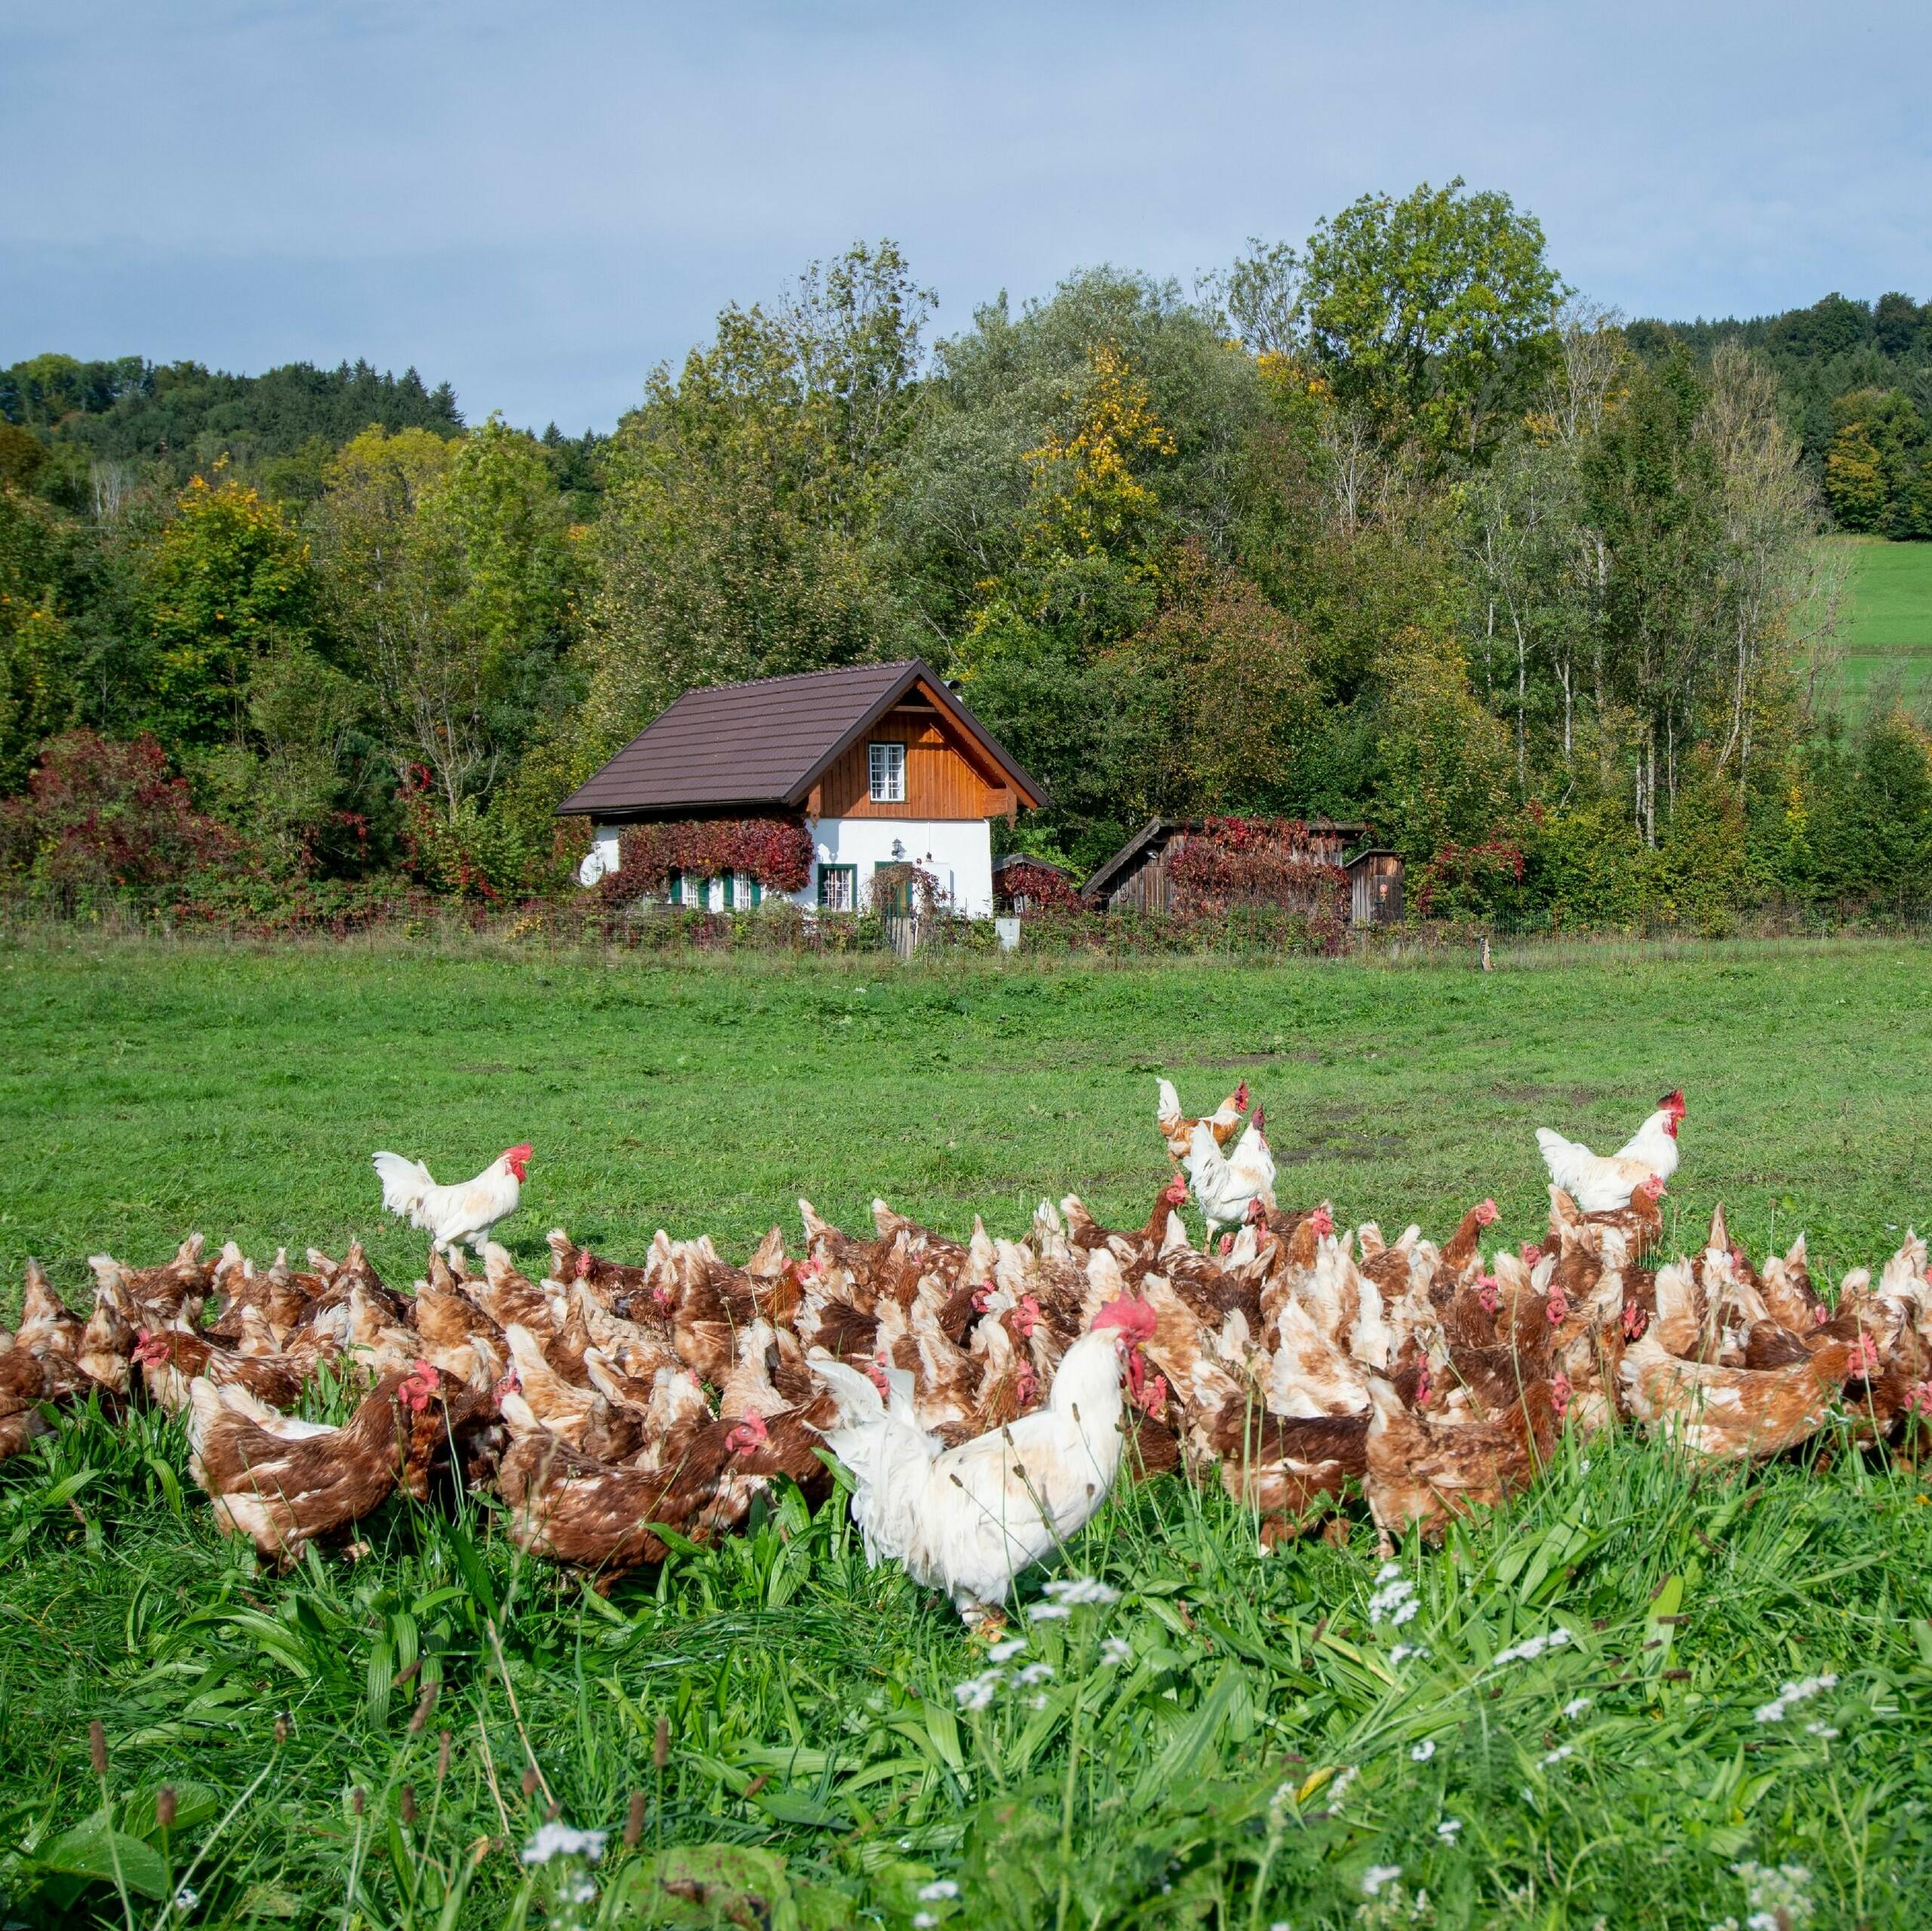 Legehennen mit Hähnen in Freilandhaltung in Österreich